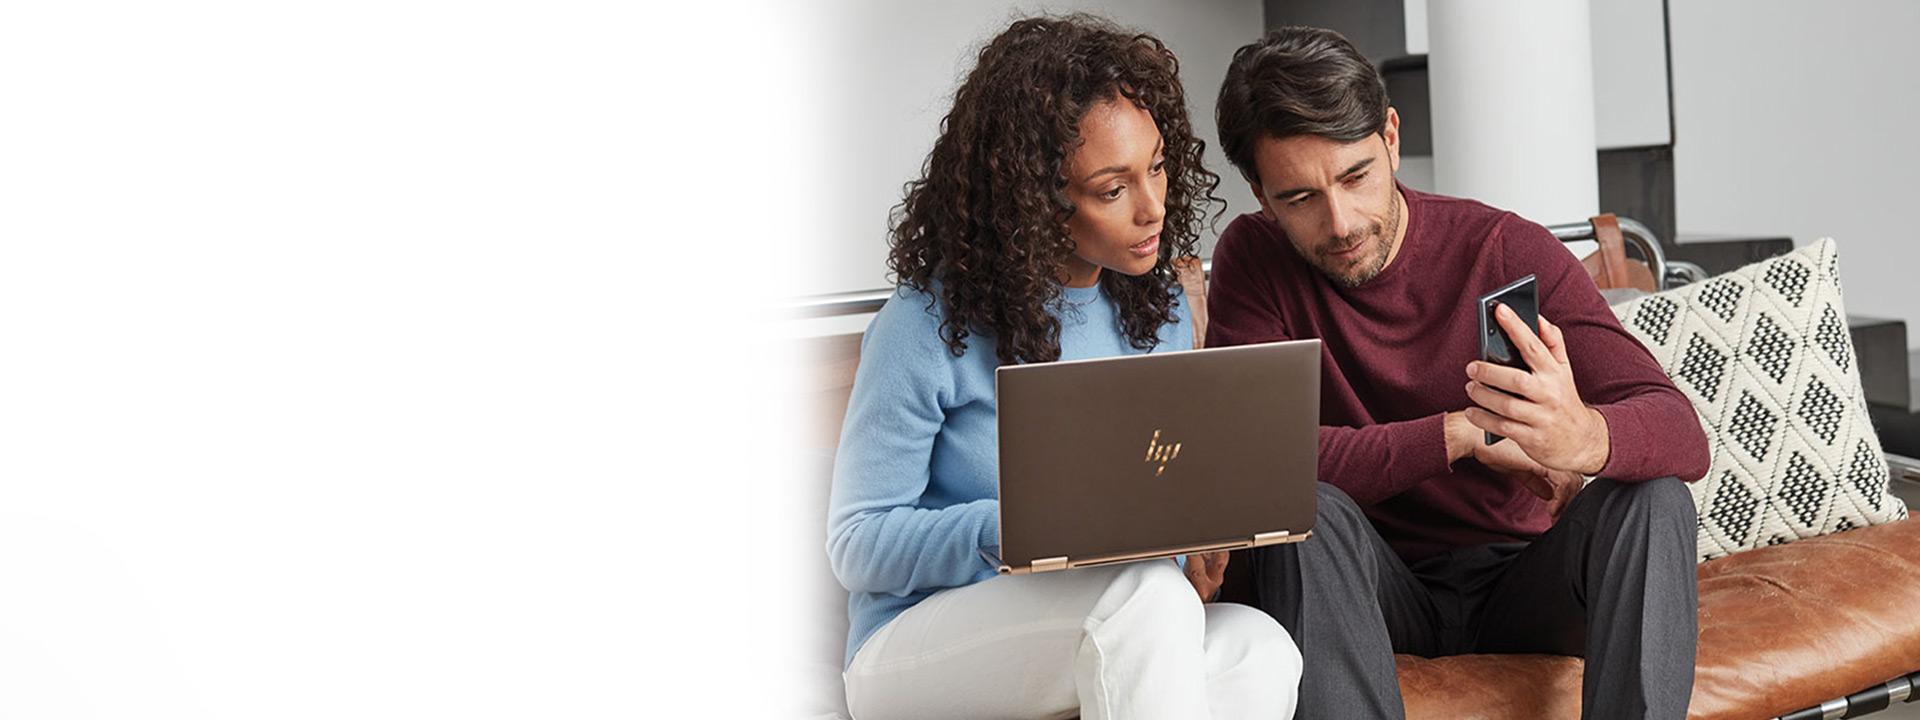 Sieviete un vīrietis sēž uz dīvāna un kopā skatās Windows10 klēpjdatora un mobilās ierīces ekrānos